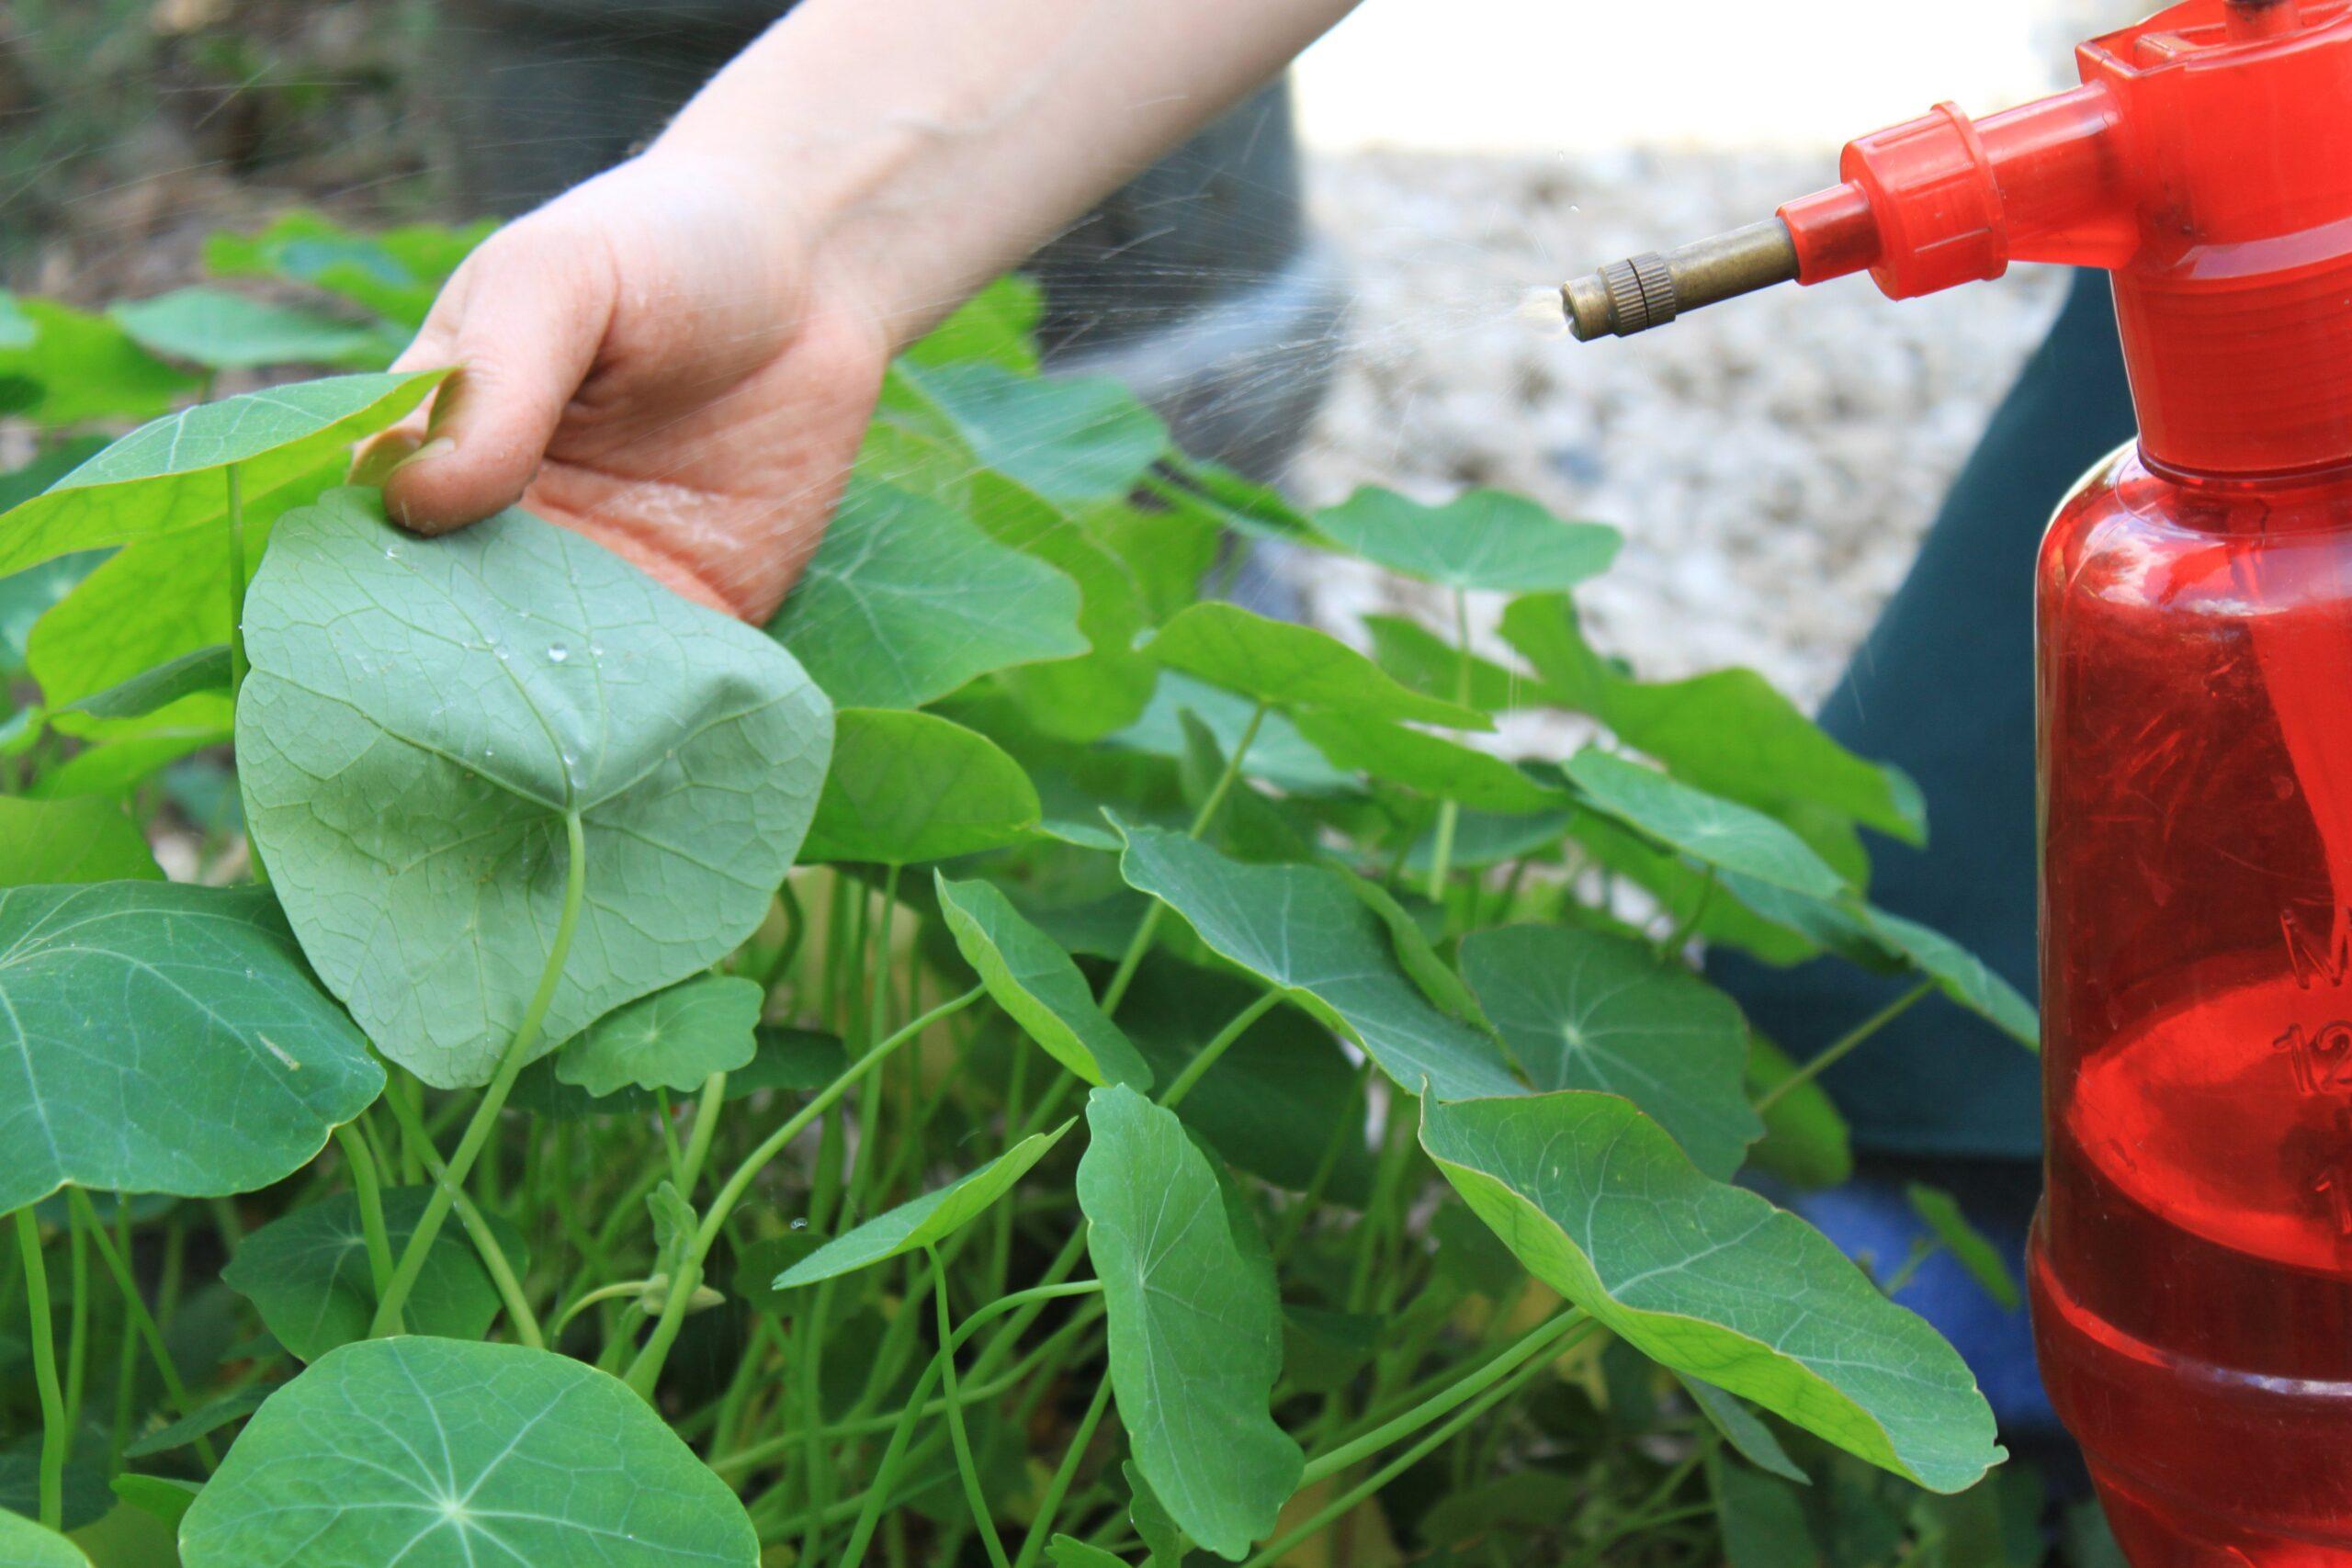 Adubação Líquida: dica para plantas saudáveis e bonitas!